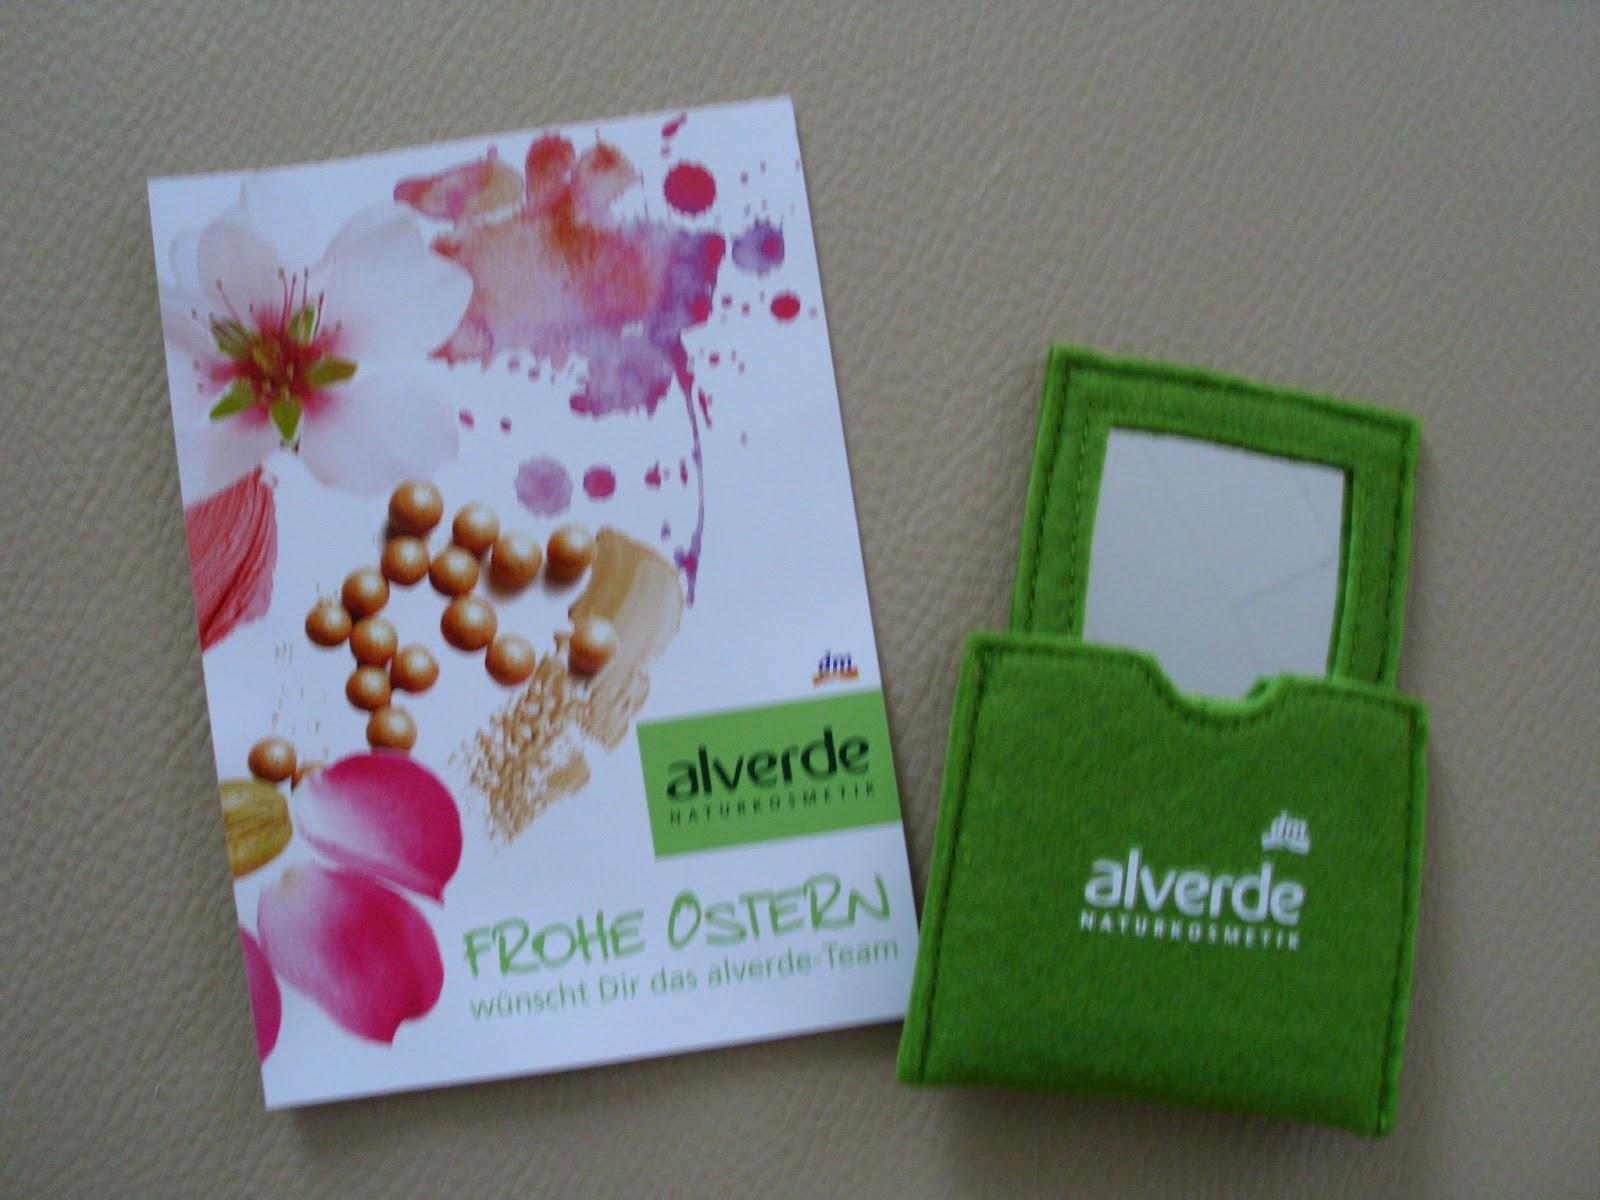 www.alverde-gewinnspiel